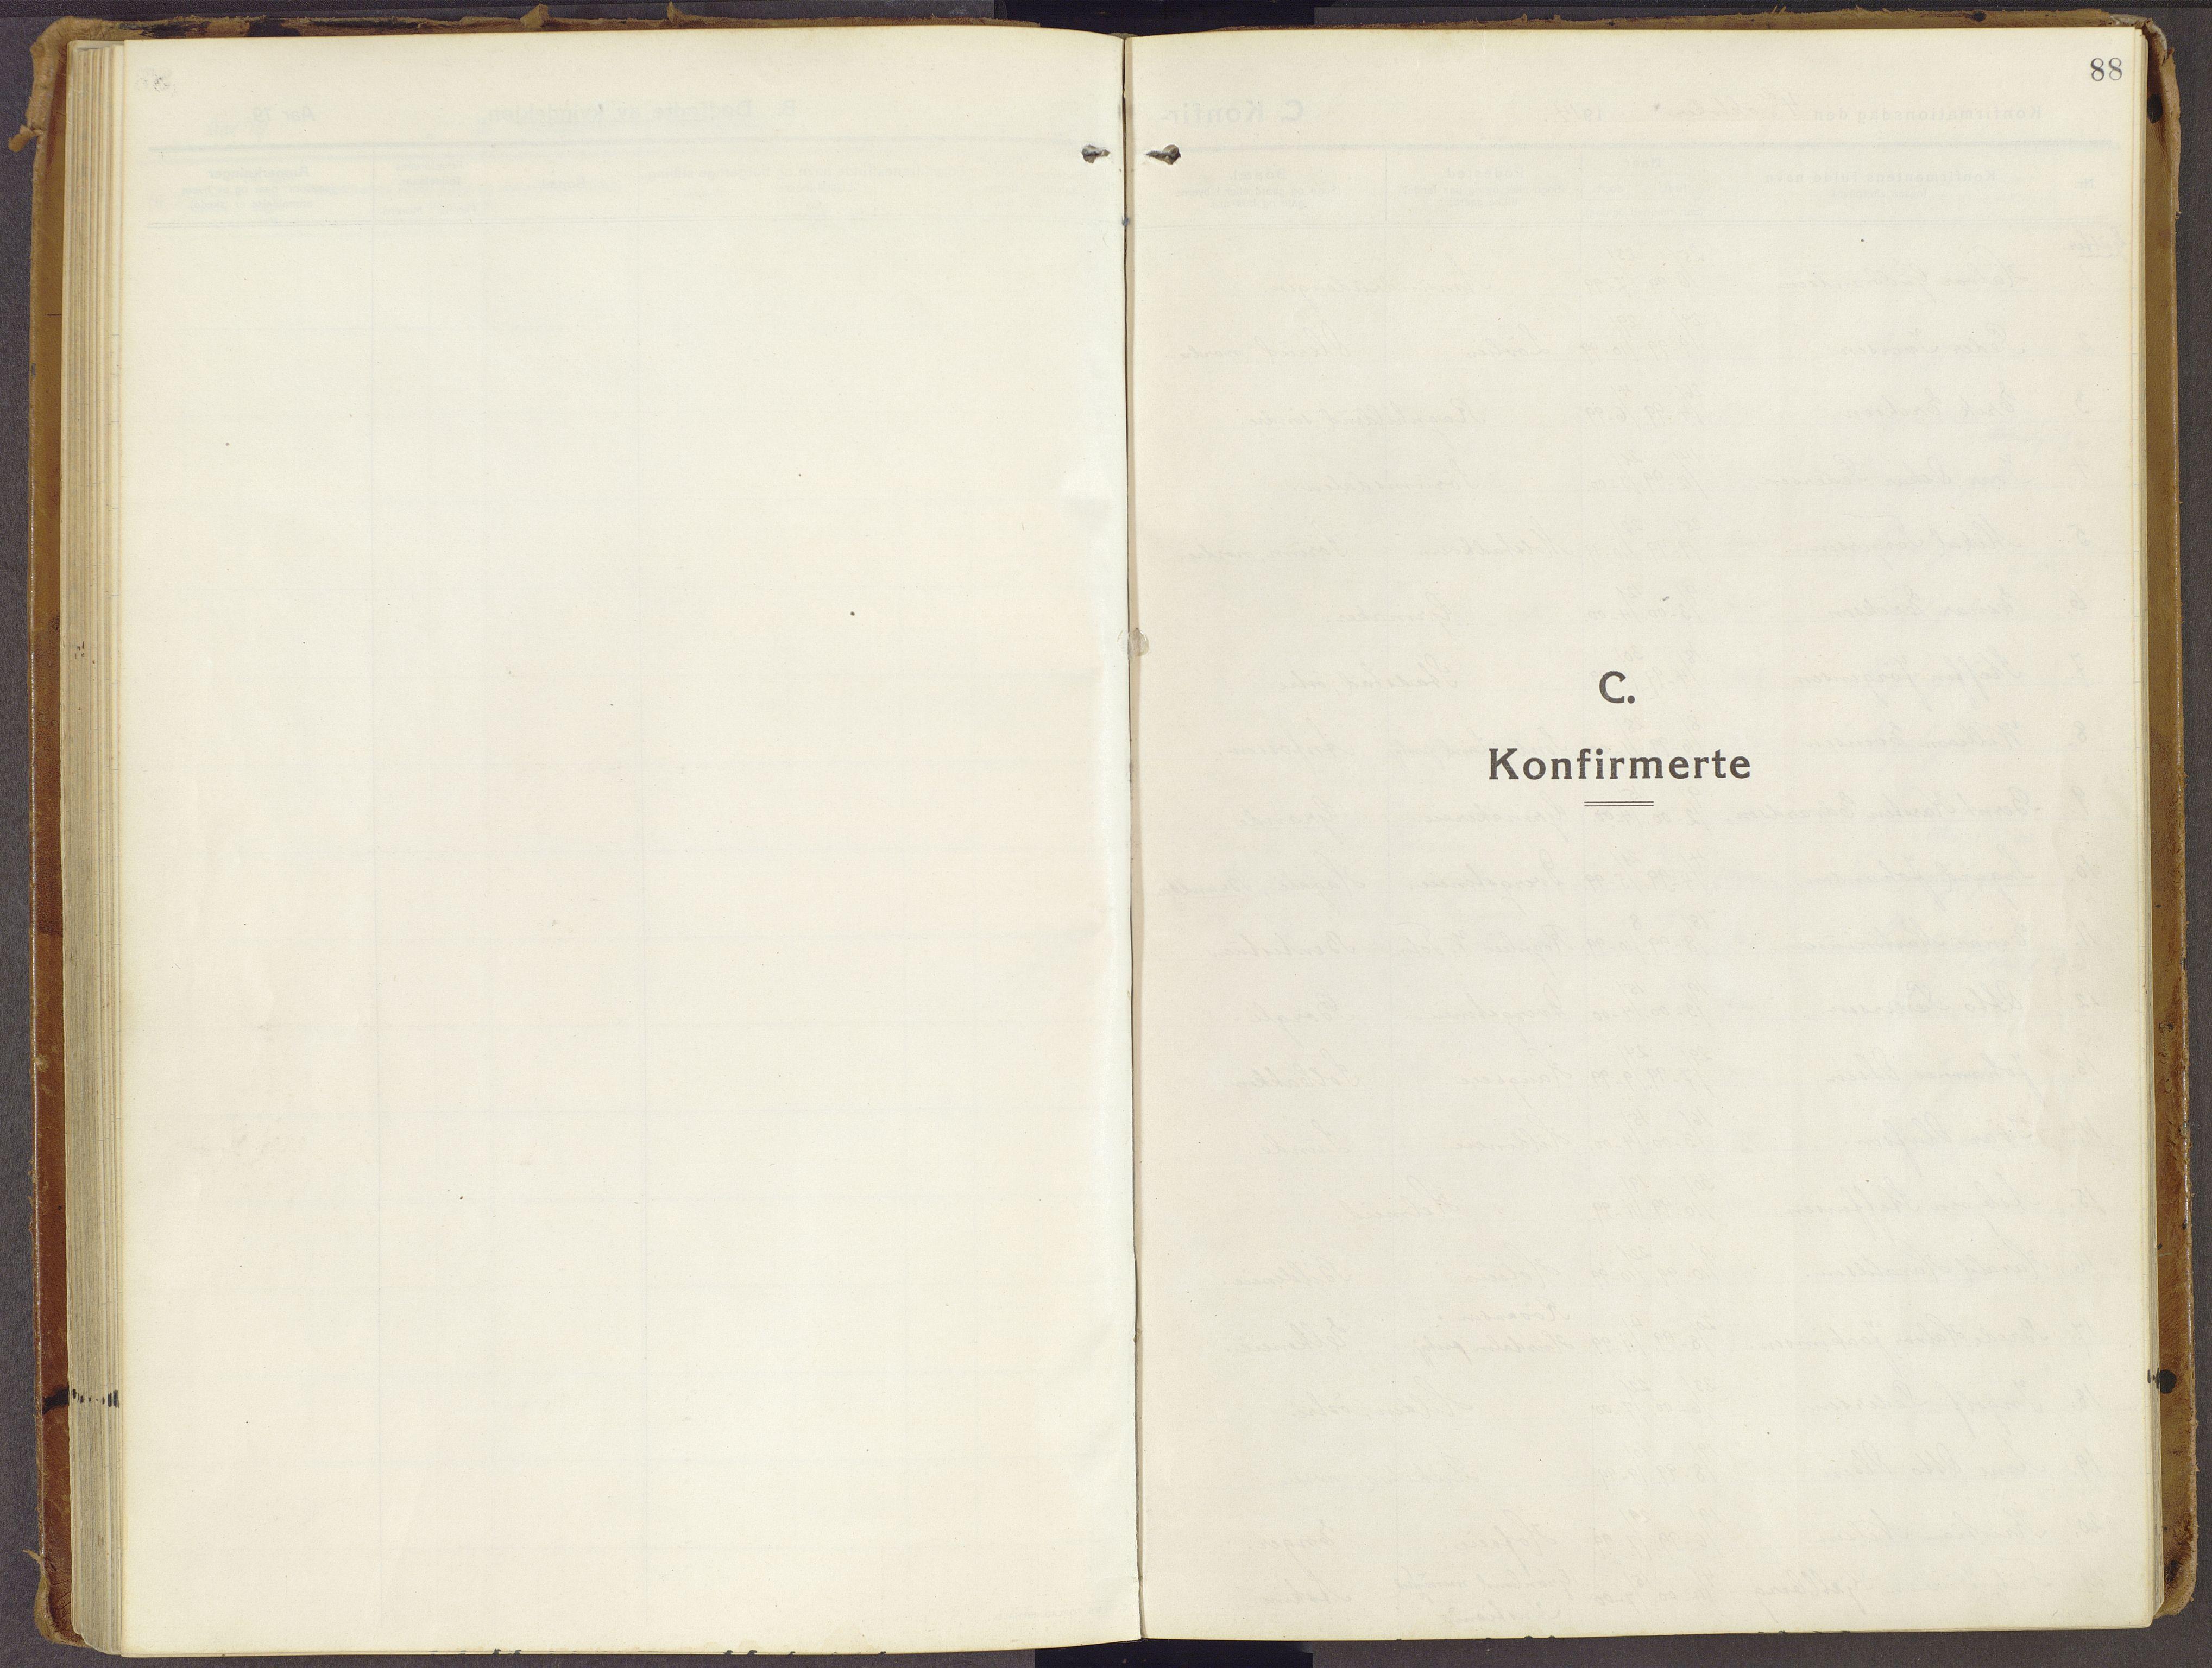 SAH, Brandbu prestekontor, Ministerialbok nr. 3, 1914-1928, s. 88